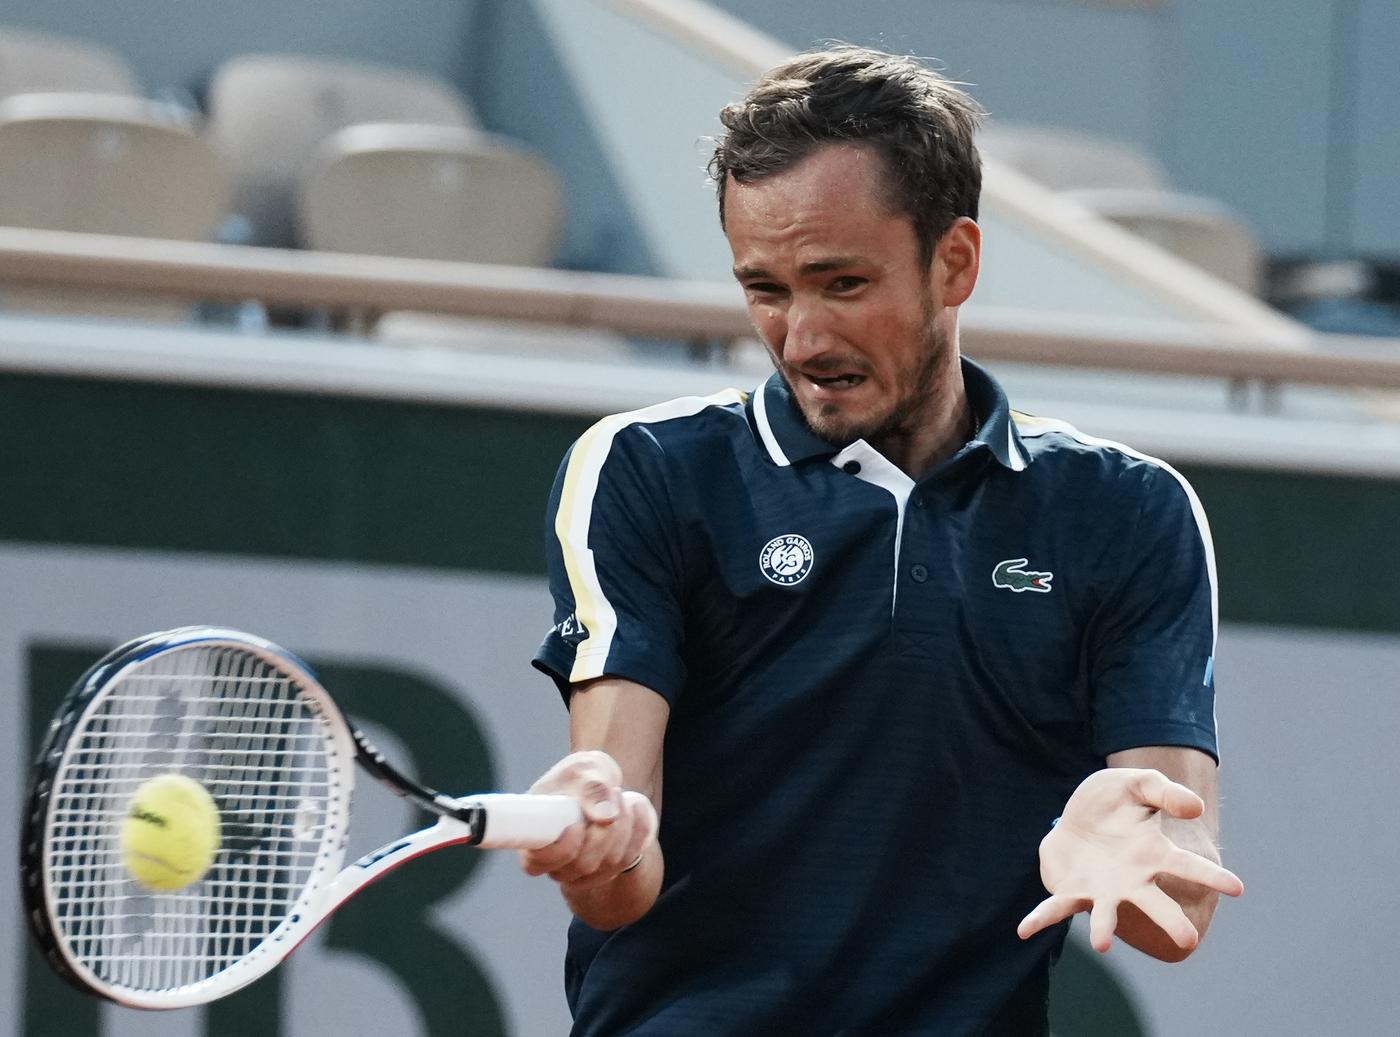 Tennis Roland Garros 2021 Day 6